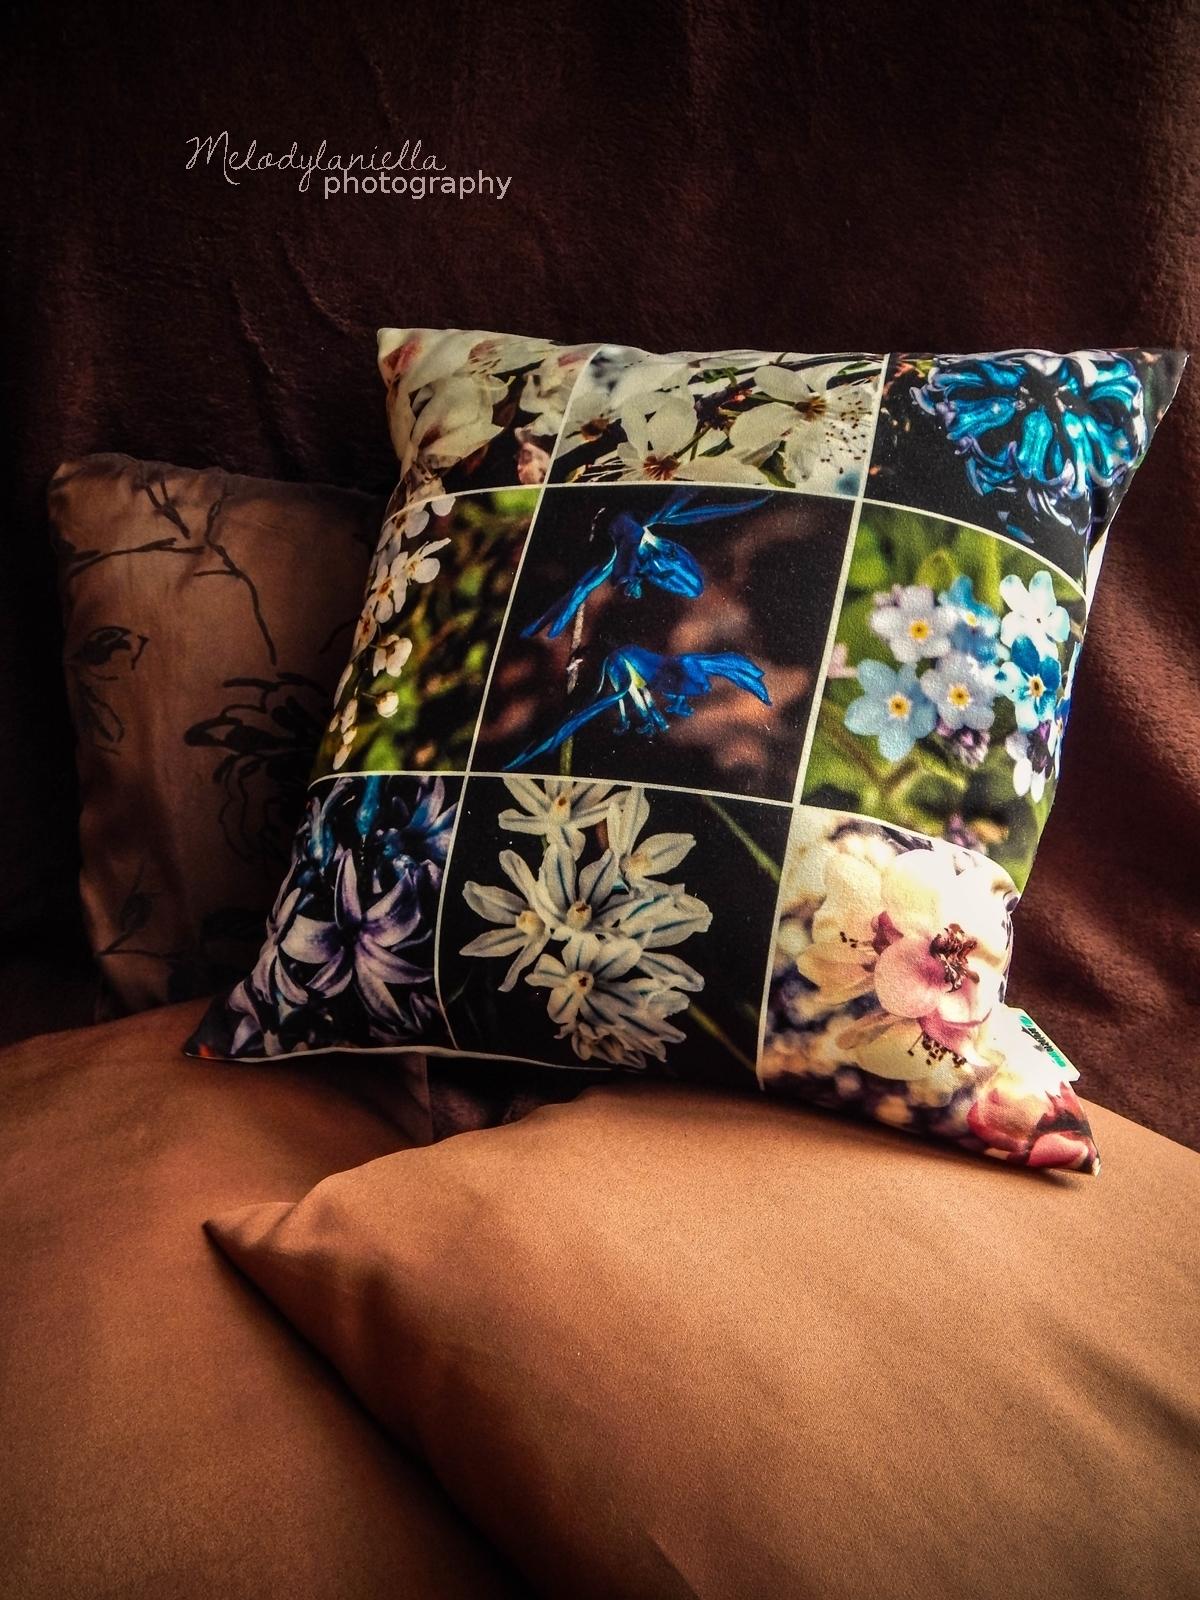 projektogram poduszka z własnym zdjęciem zaprojektuj swoją poduszkę zdjęcia instagram fotografia prezenty dla fotografów zakochani w zdjeciach wspomnienia z wakacji na poduszcze pillow photos aplikacja instagram k